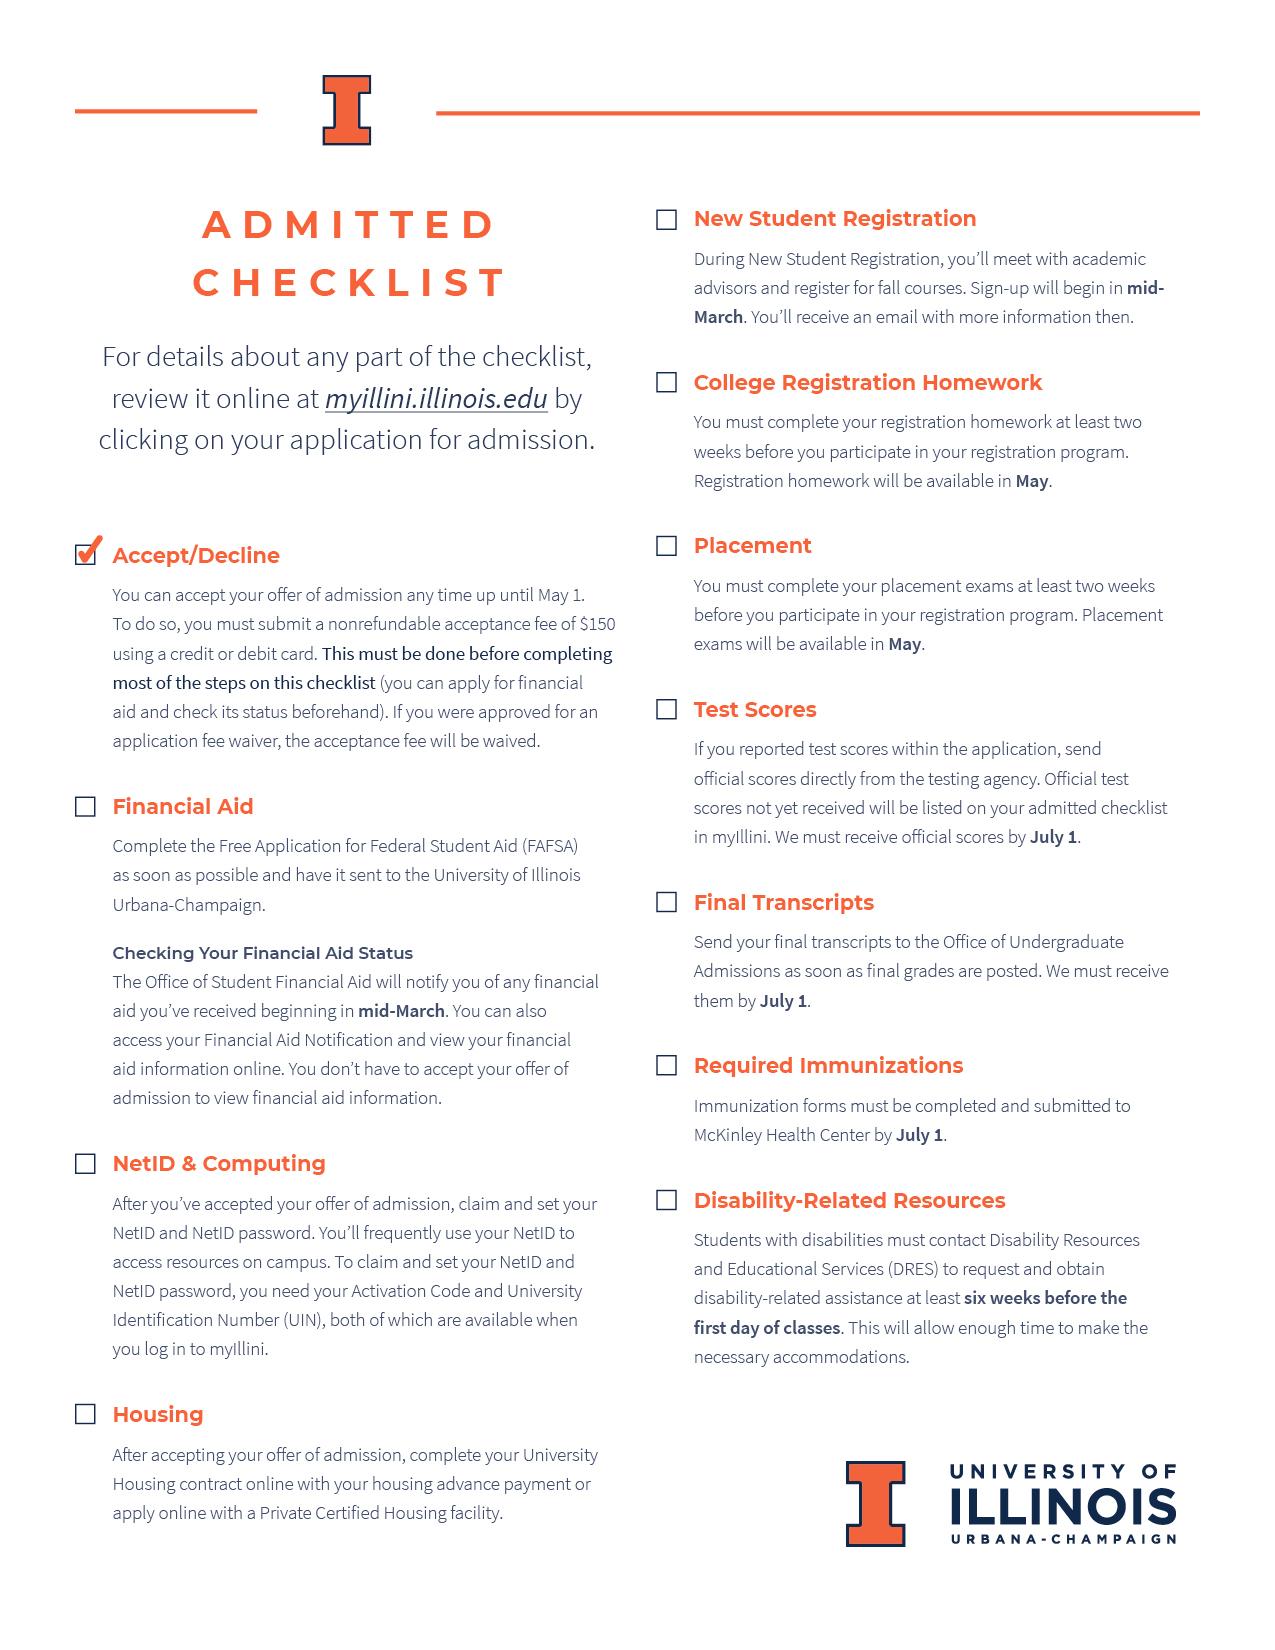 2021 Admitted Checklist